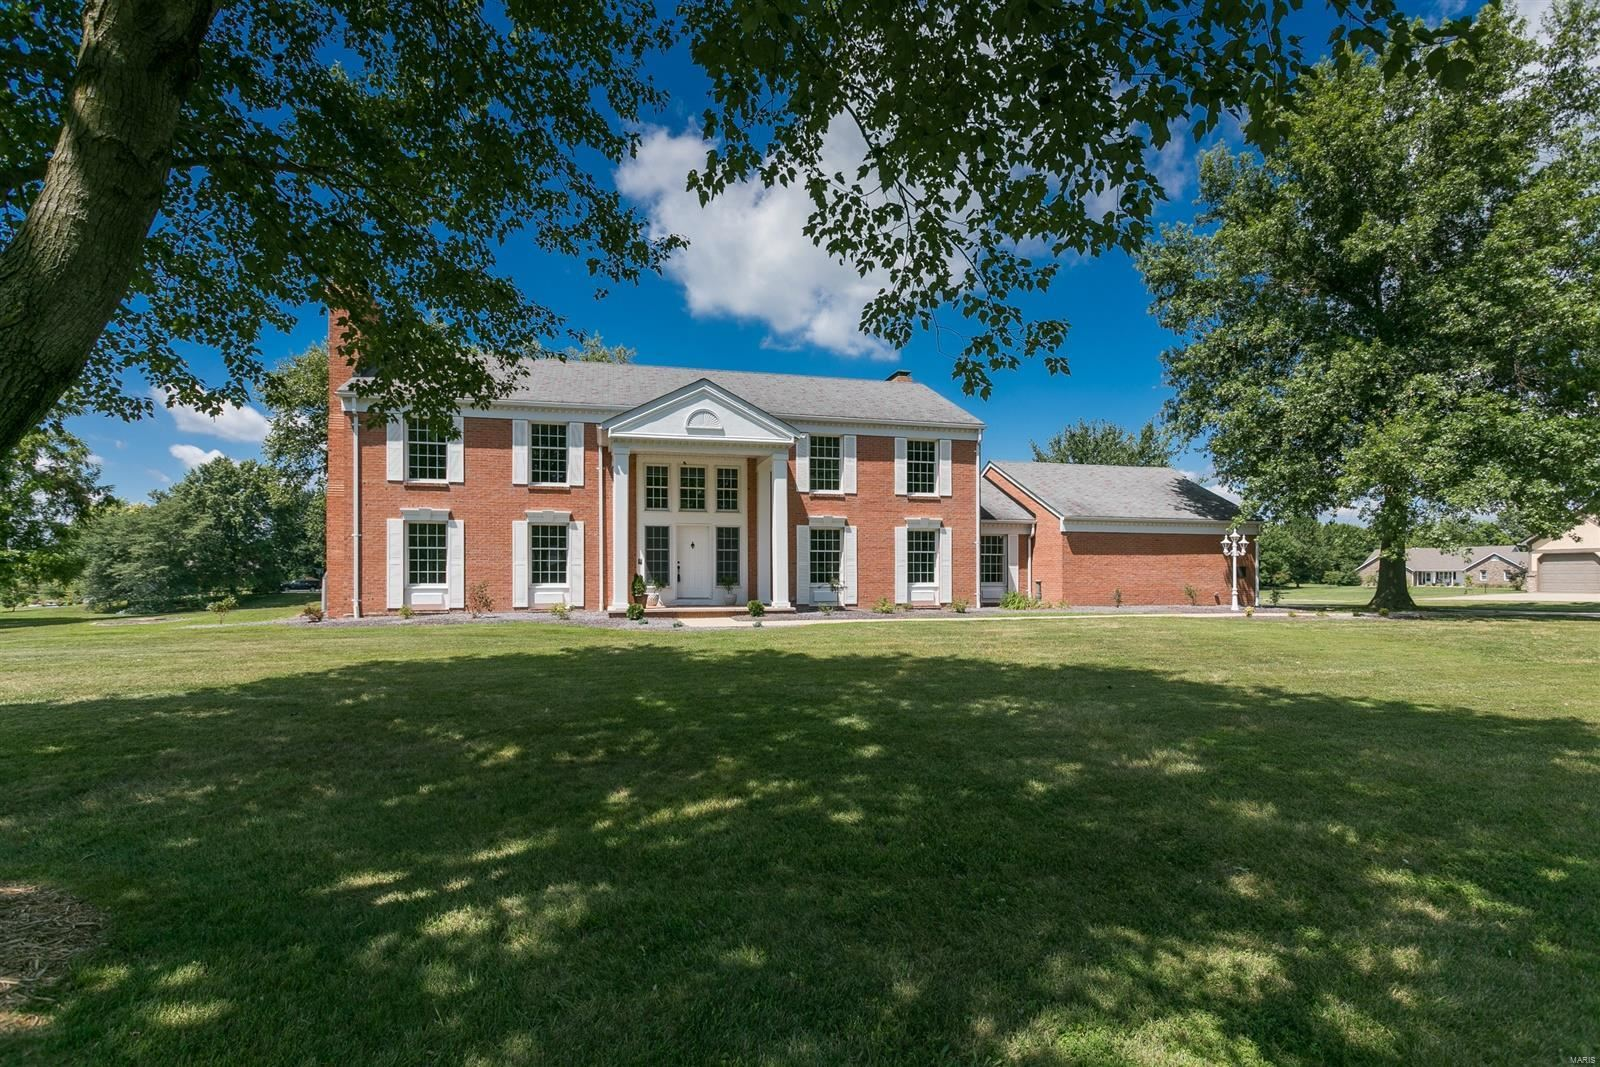 4057 Bur Oak Drive, Smithton, IL 62285 - MLS#: 19021734